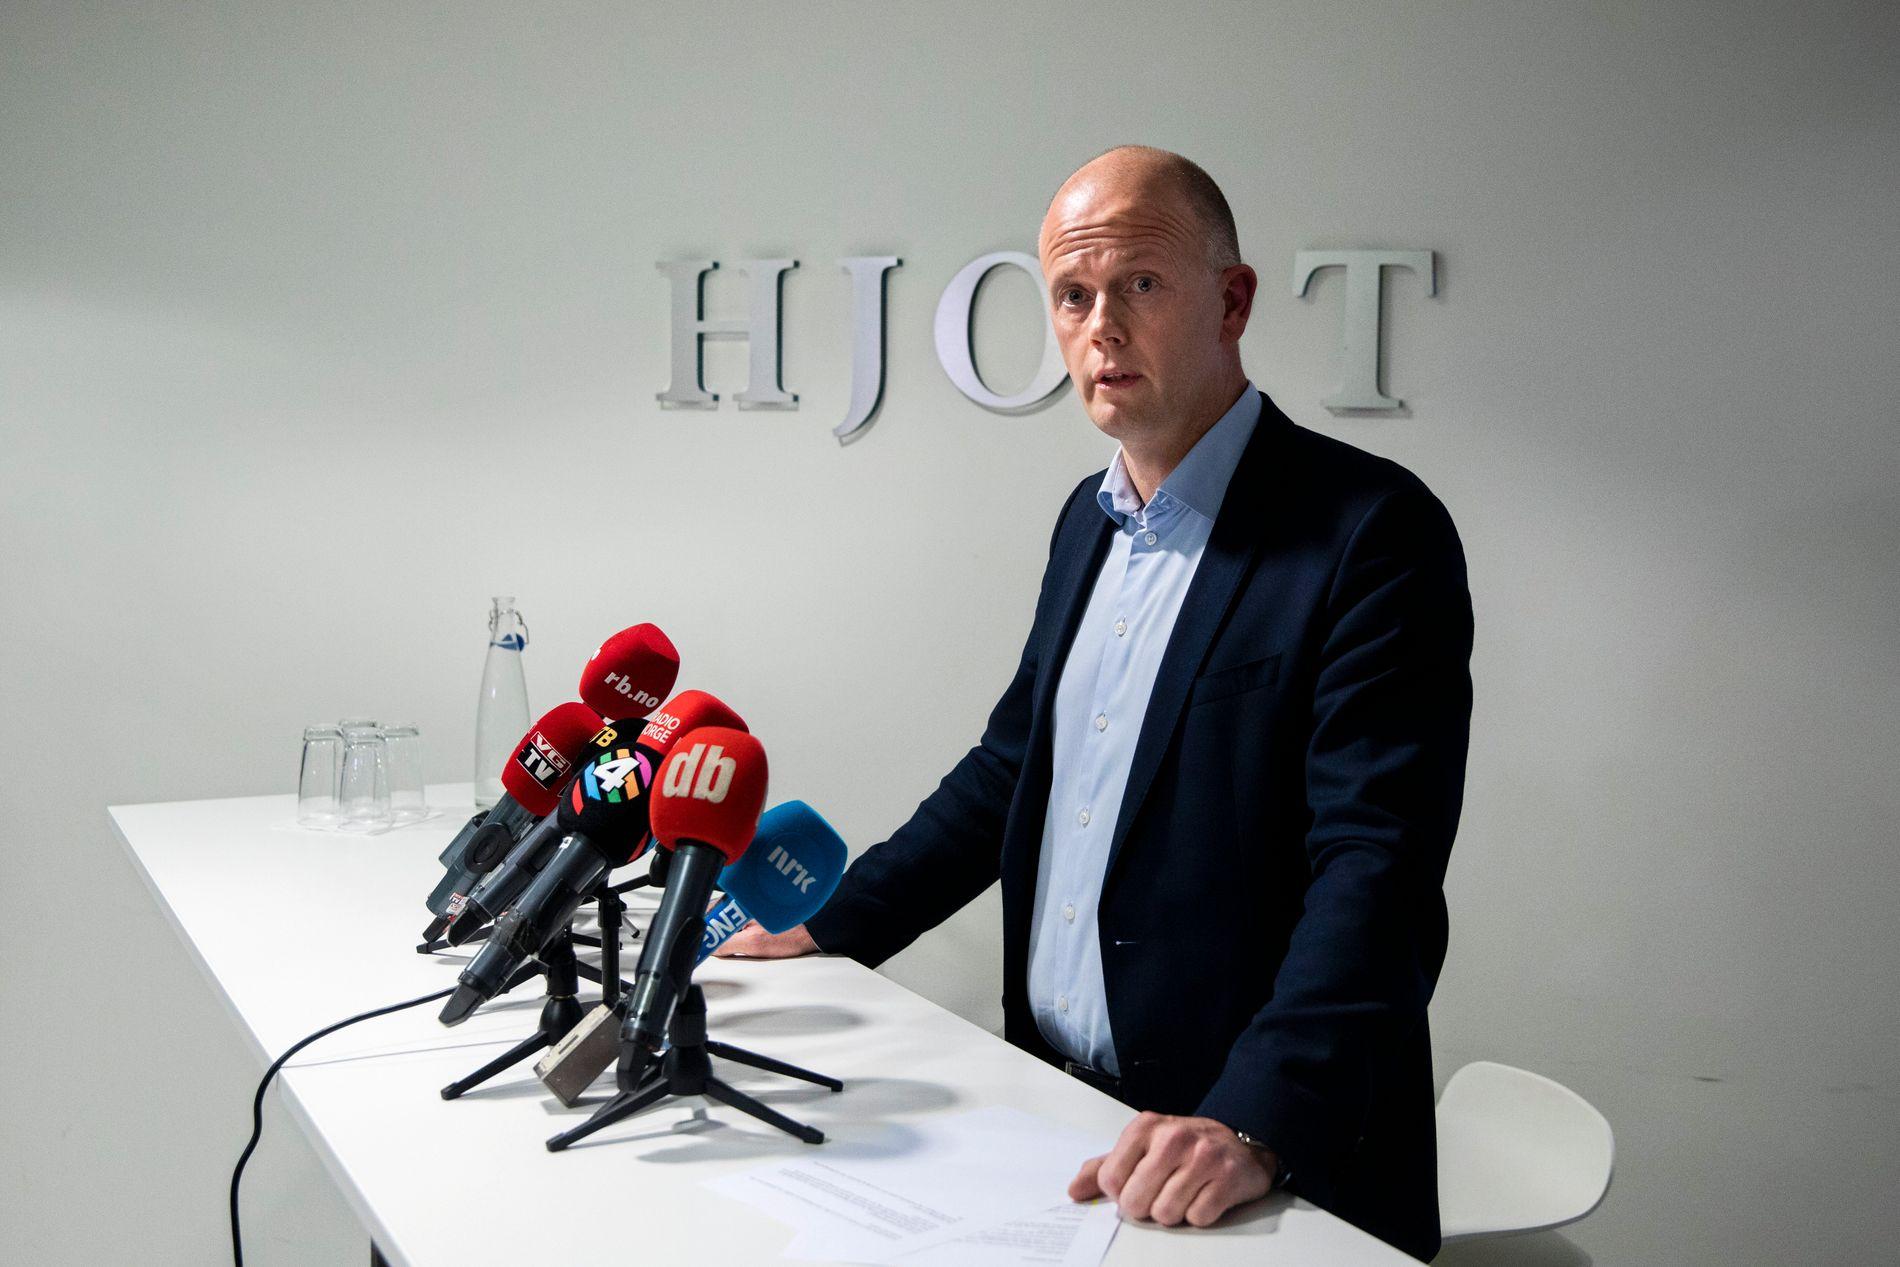 VIL HA HENNE HJEM: Familiens bistandsadvokat Svein Holden sier familien ønsker å starte prosessen med å få Anne-Elisabeth Hagen trygt hjem.